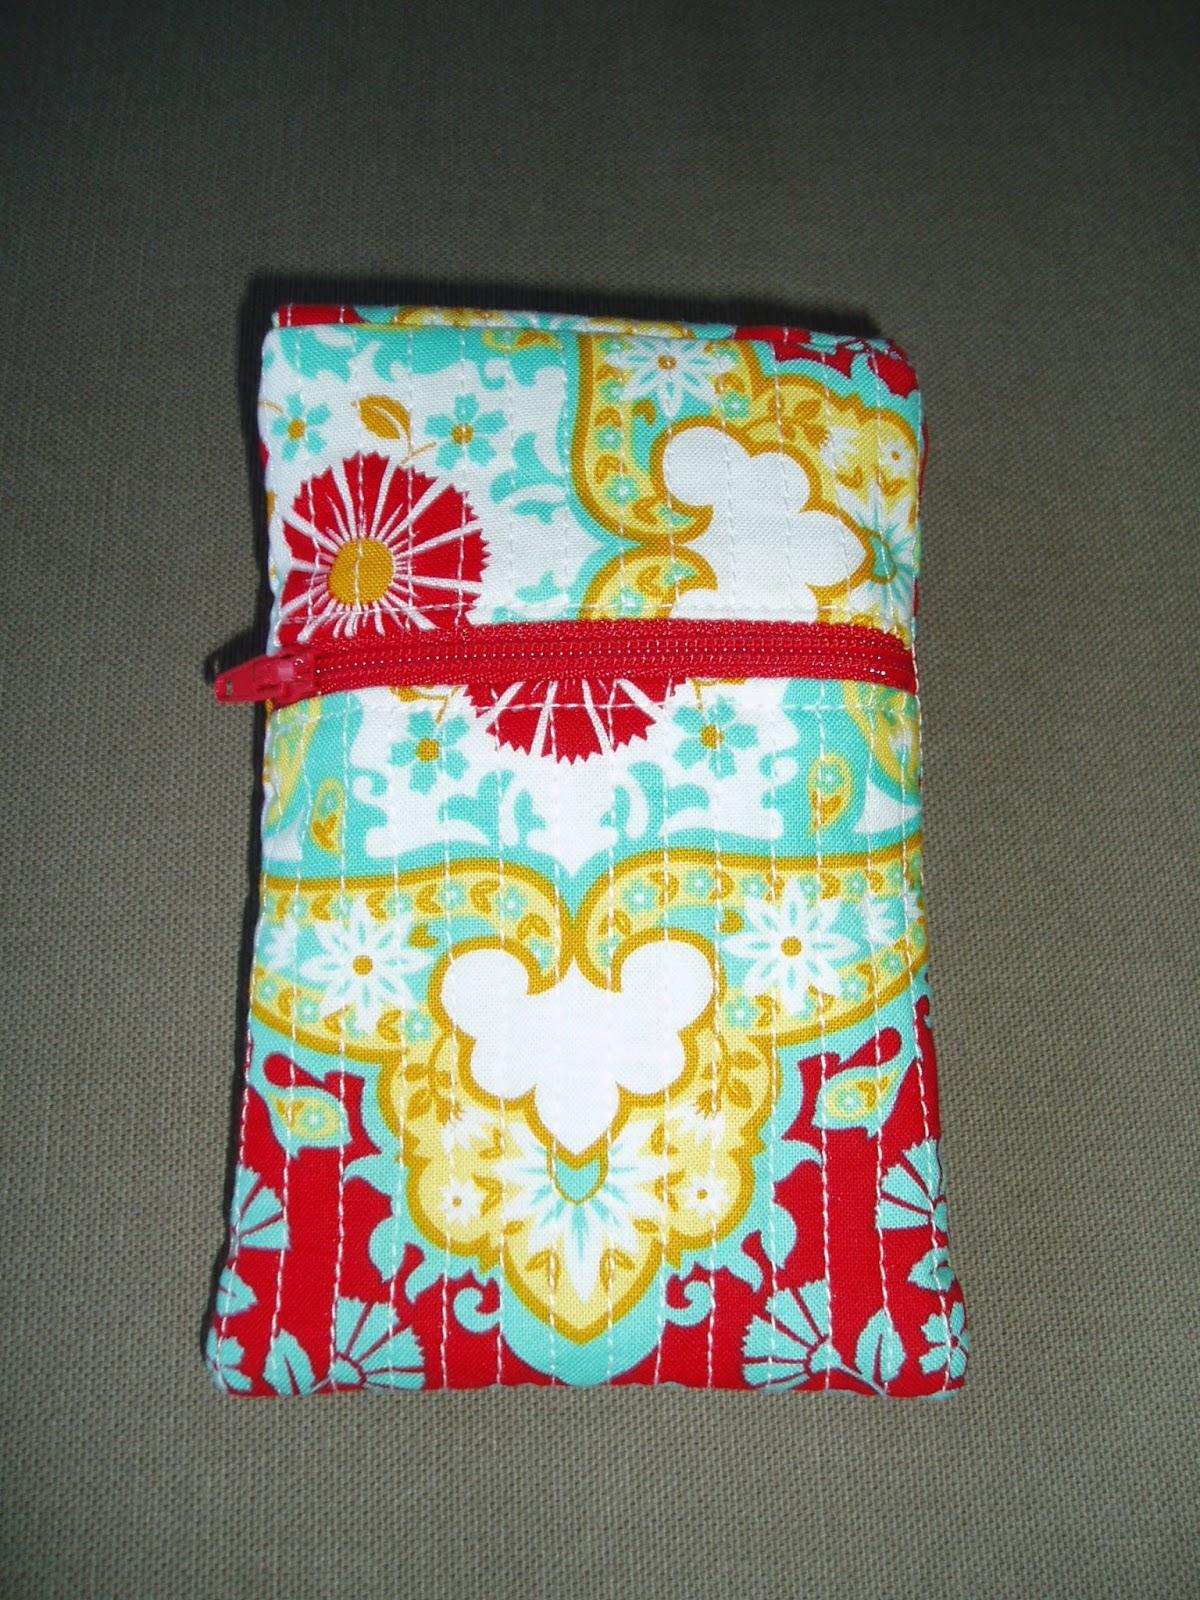 tissus hilos crafts pochette housse pour t l phone. Black Bedroom Furniture Sets. Home Design Ideas